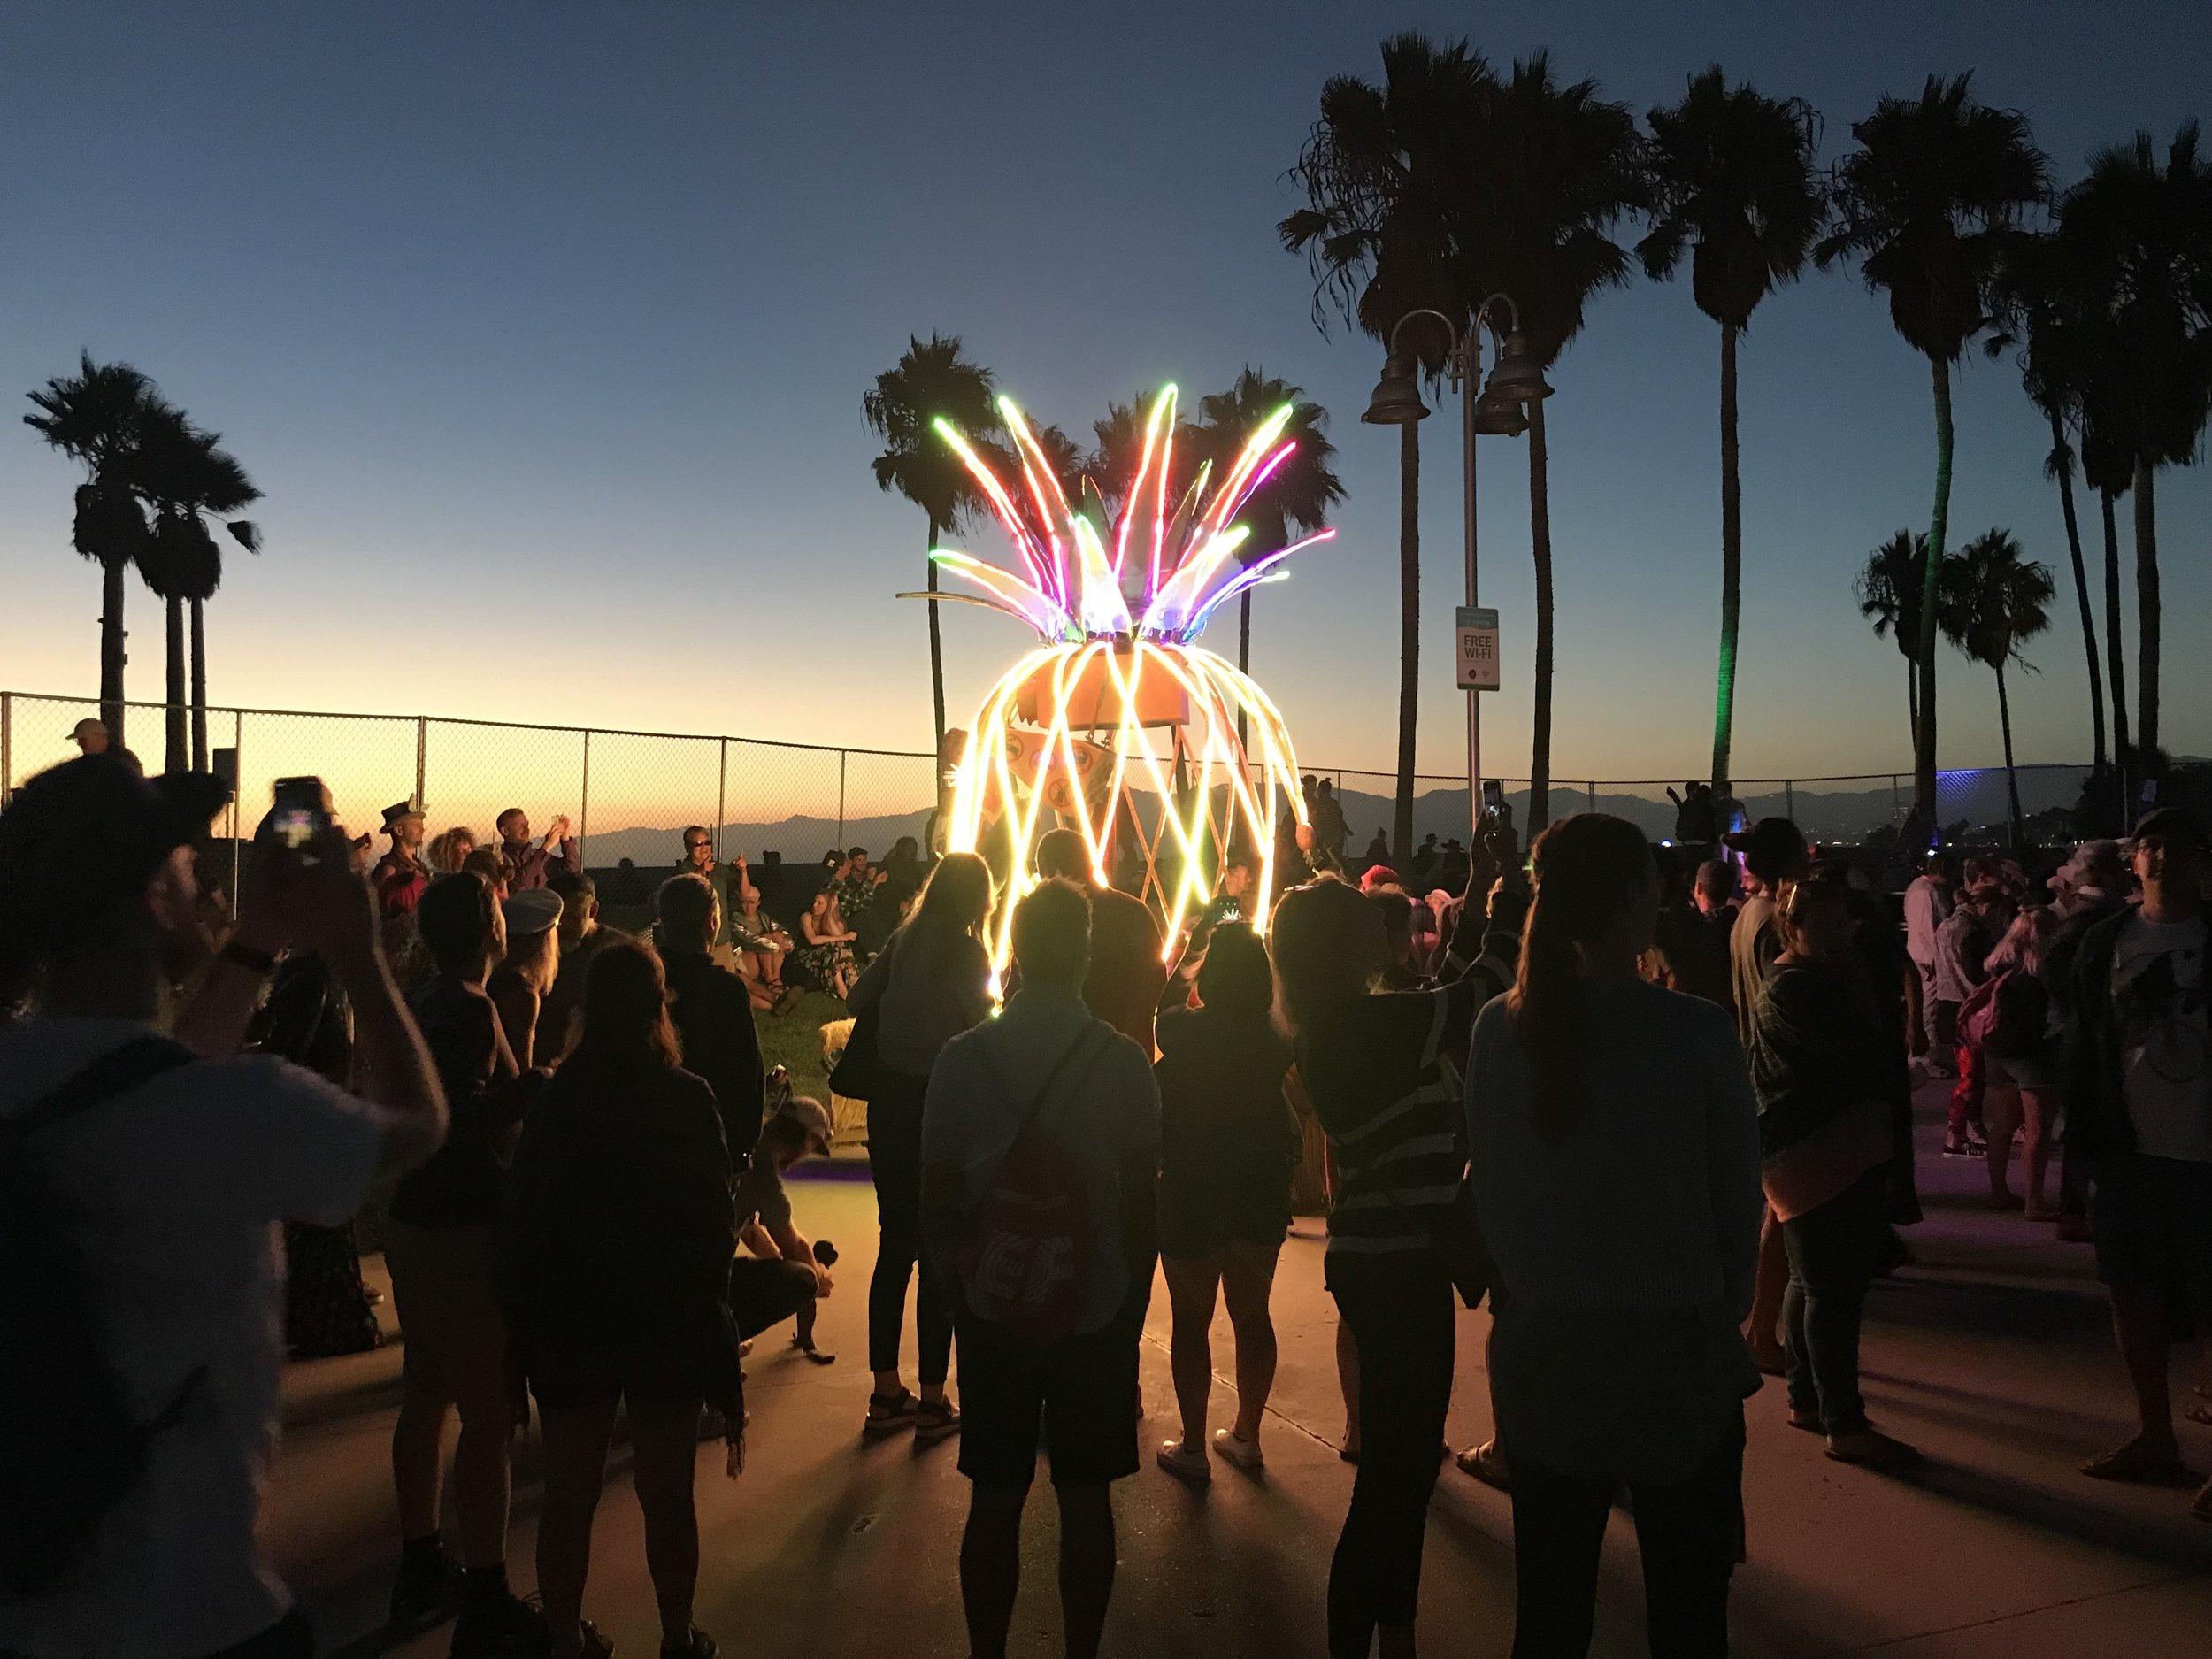 Vi var også på en slags restefestival med etterdønningene fra Burning Man. Sykeste opplegget. Brukte ingen rusmidler men følte jeg var på syre likevel. Makan til crazy opplegg altså. Flammer, lys, karaoke, utkledning, dans, sang, sirkus, skitt, latter, love. Helt kokko, og veldig kult.